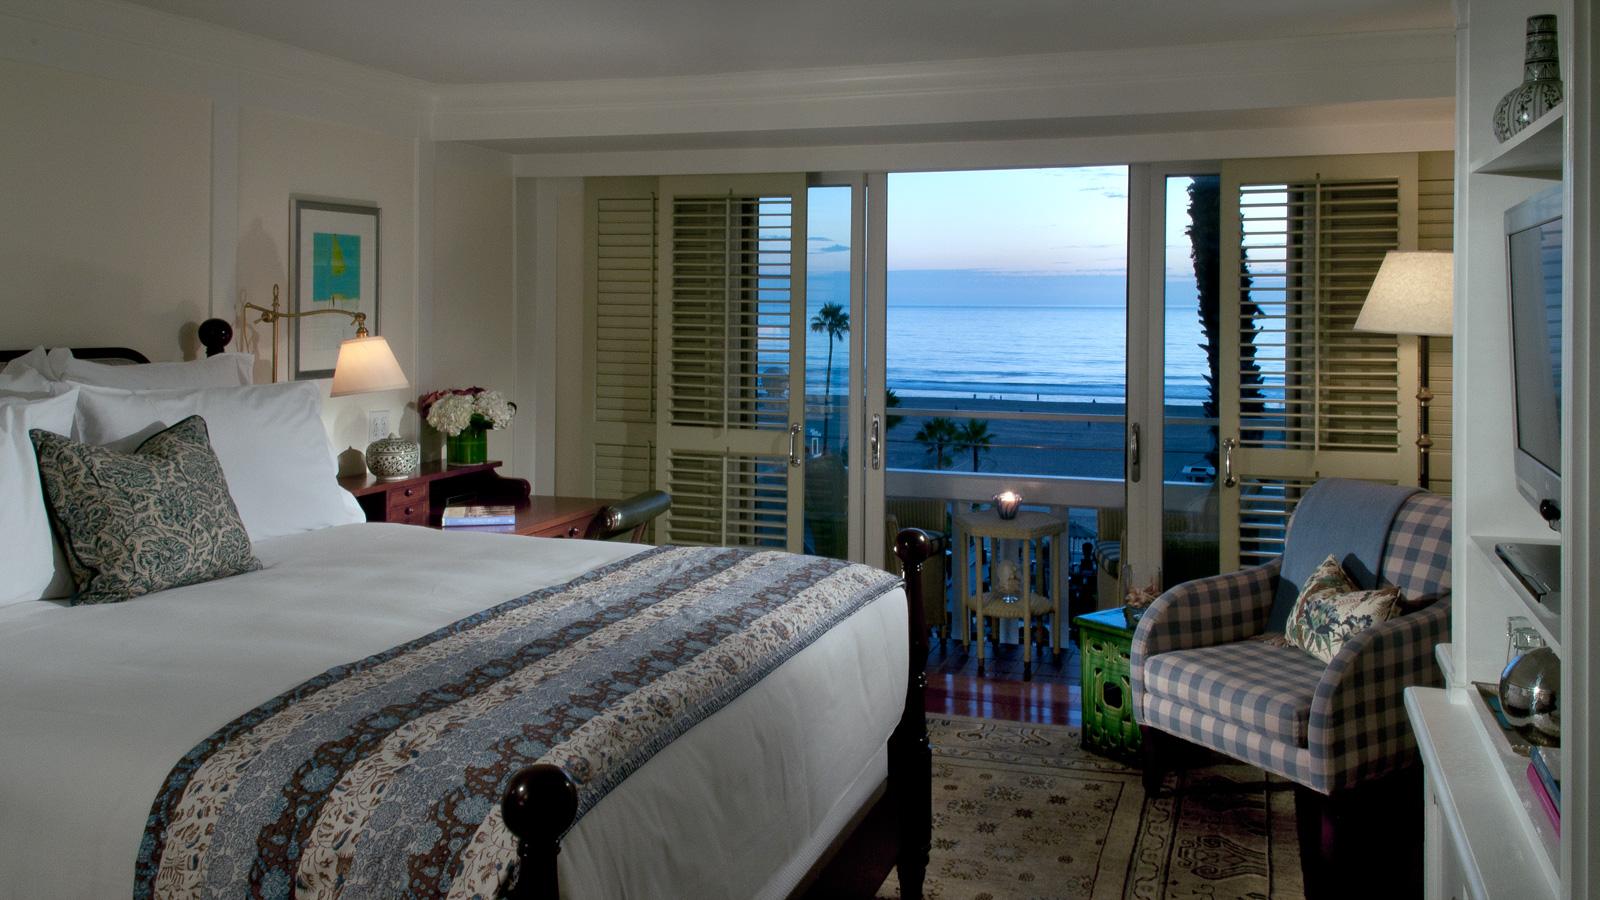 2013-07-22-shutters_guest_room_ocean_view.jpg